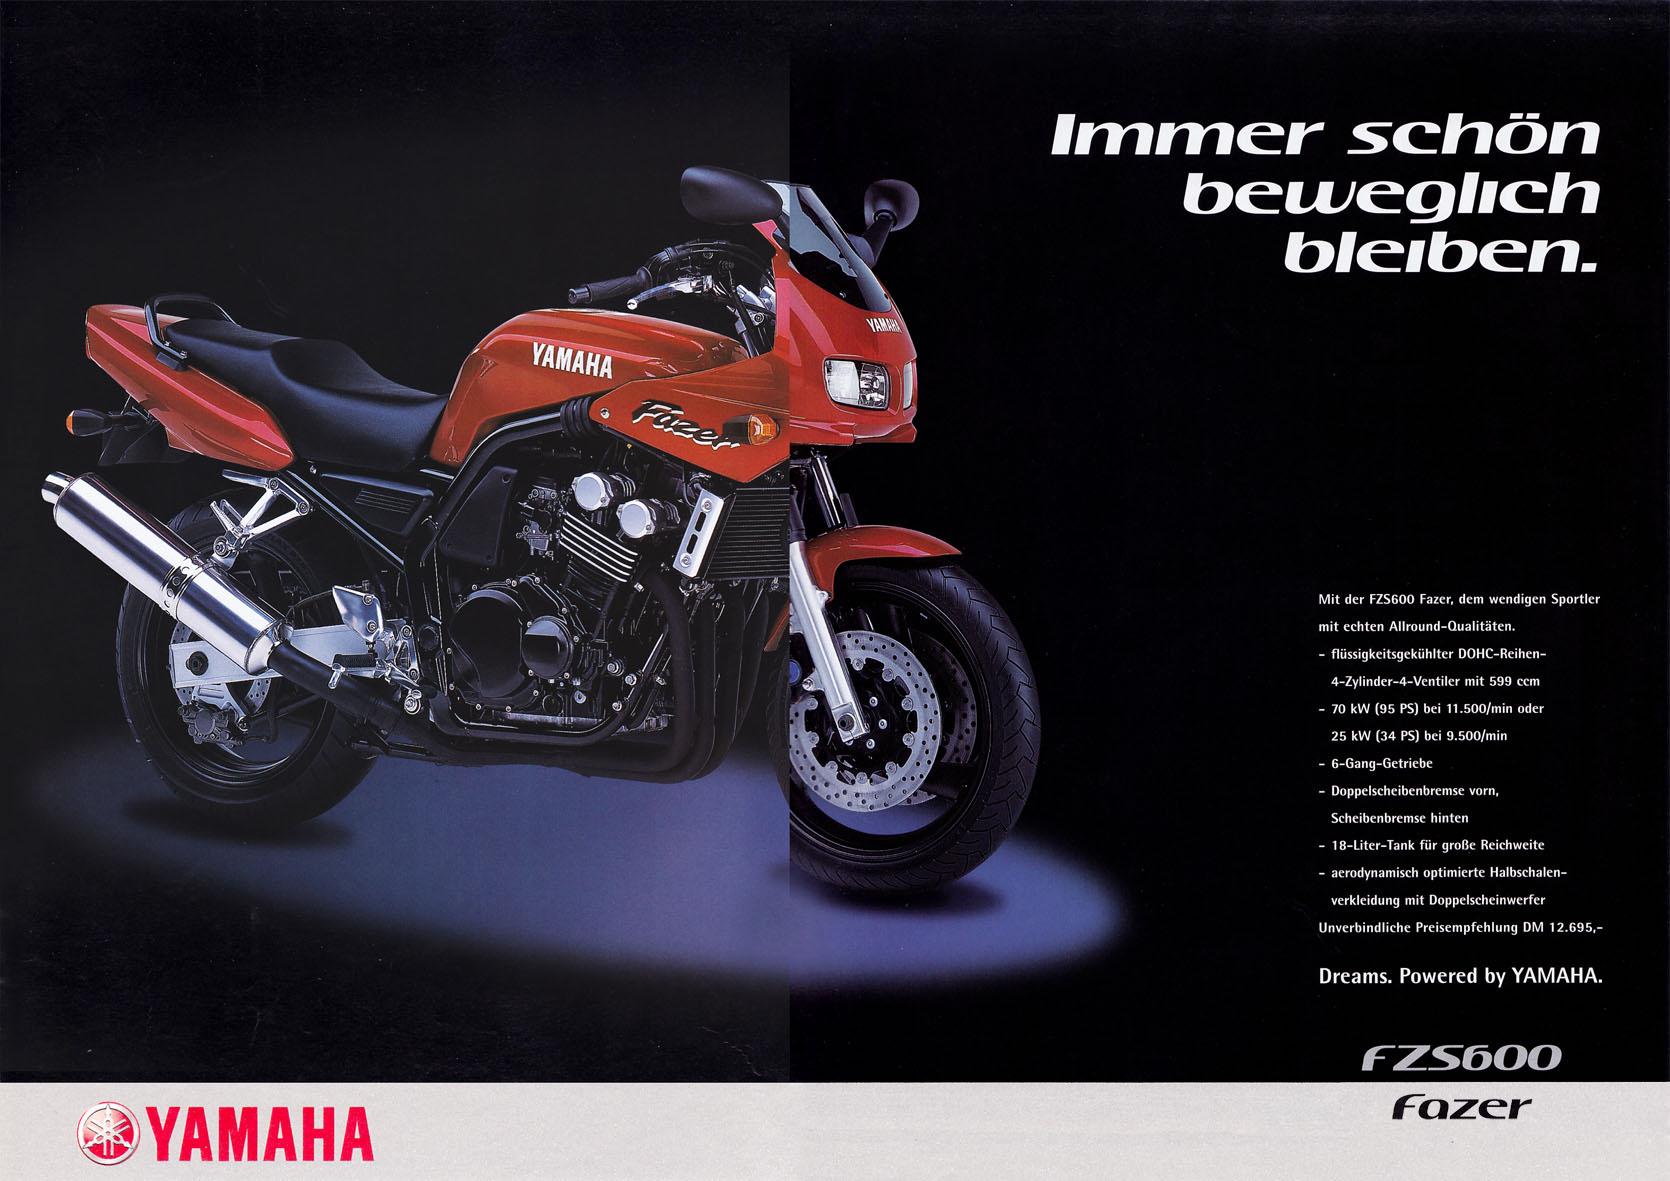 Yamaha Beileger - Immer schön beweglich bleiben